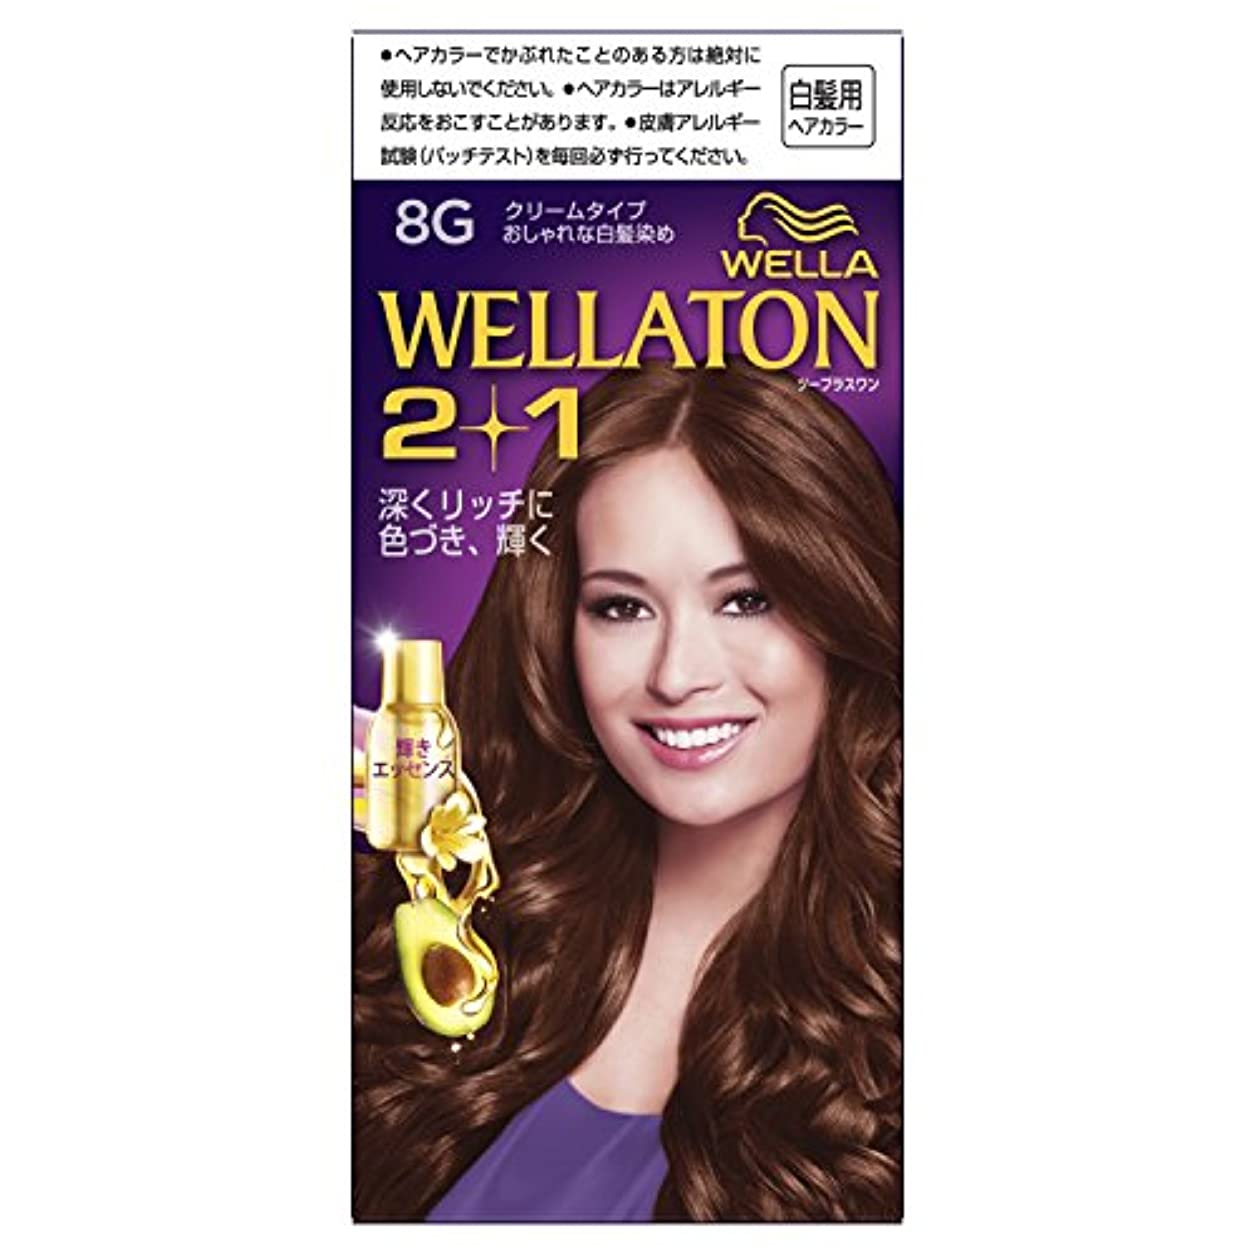 バンガローホラーやりすぎウエラトーン2+1 クリームタイプ 8G [医薬部外品](おしゃれな白髪染め)